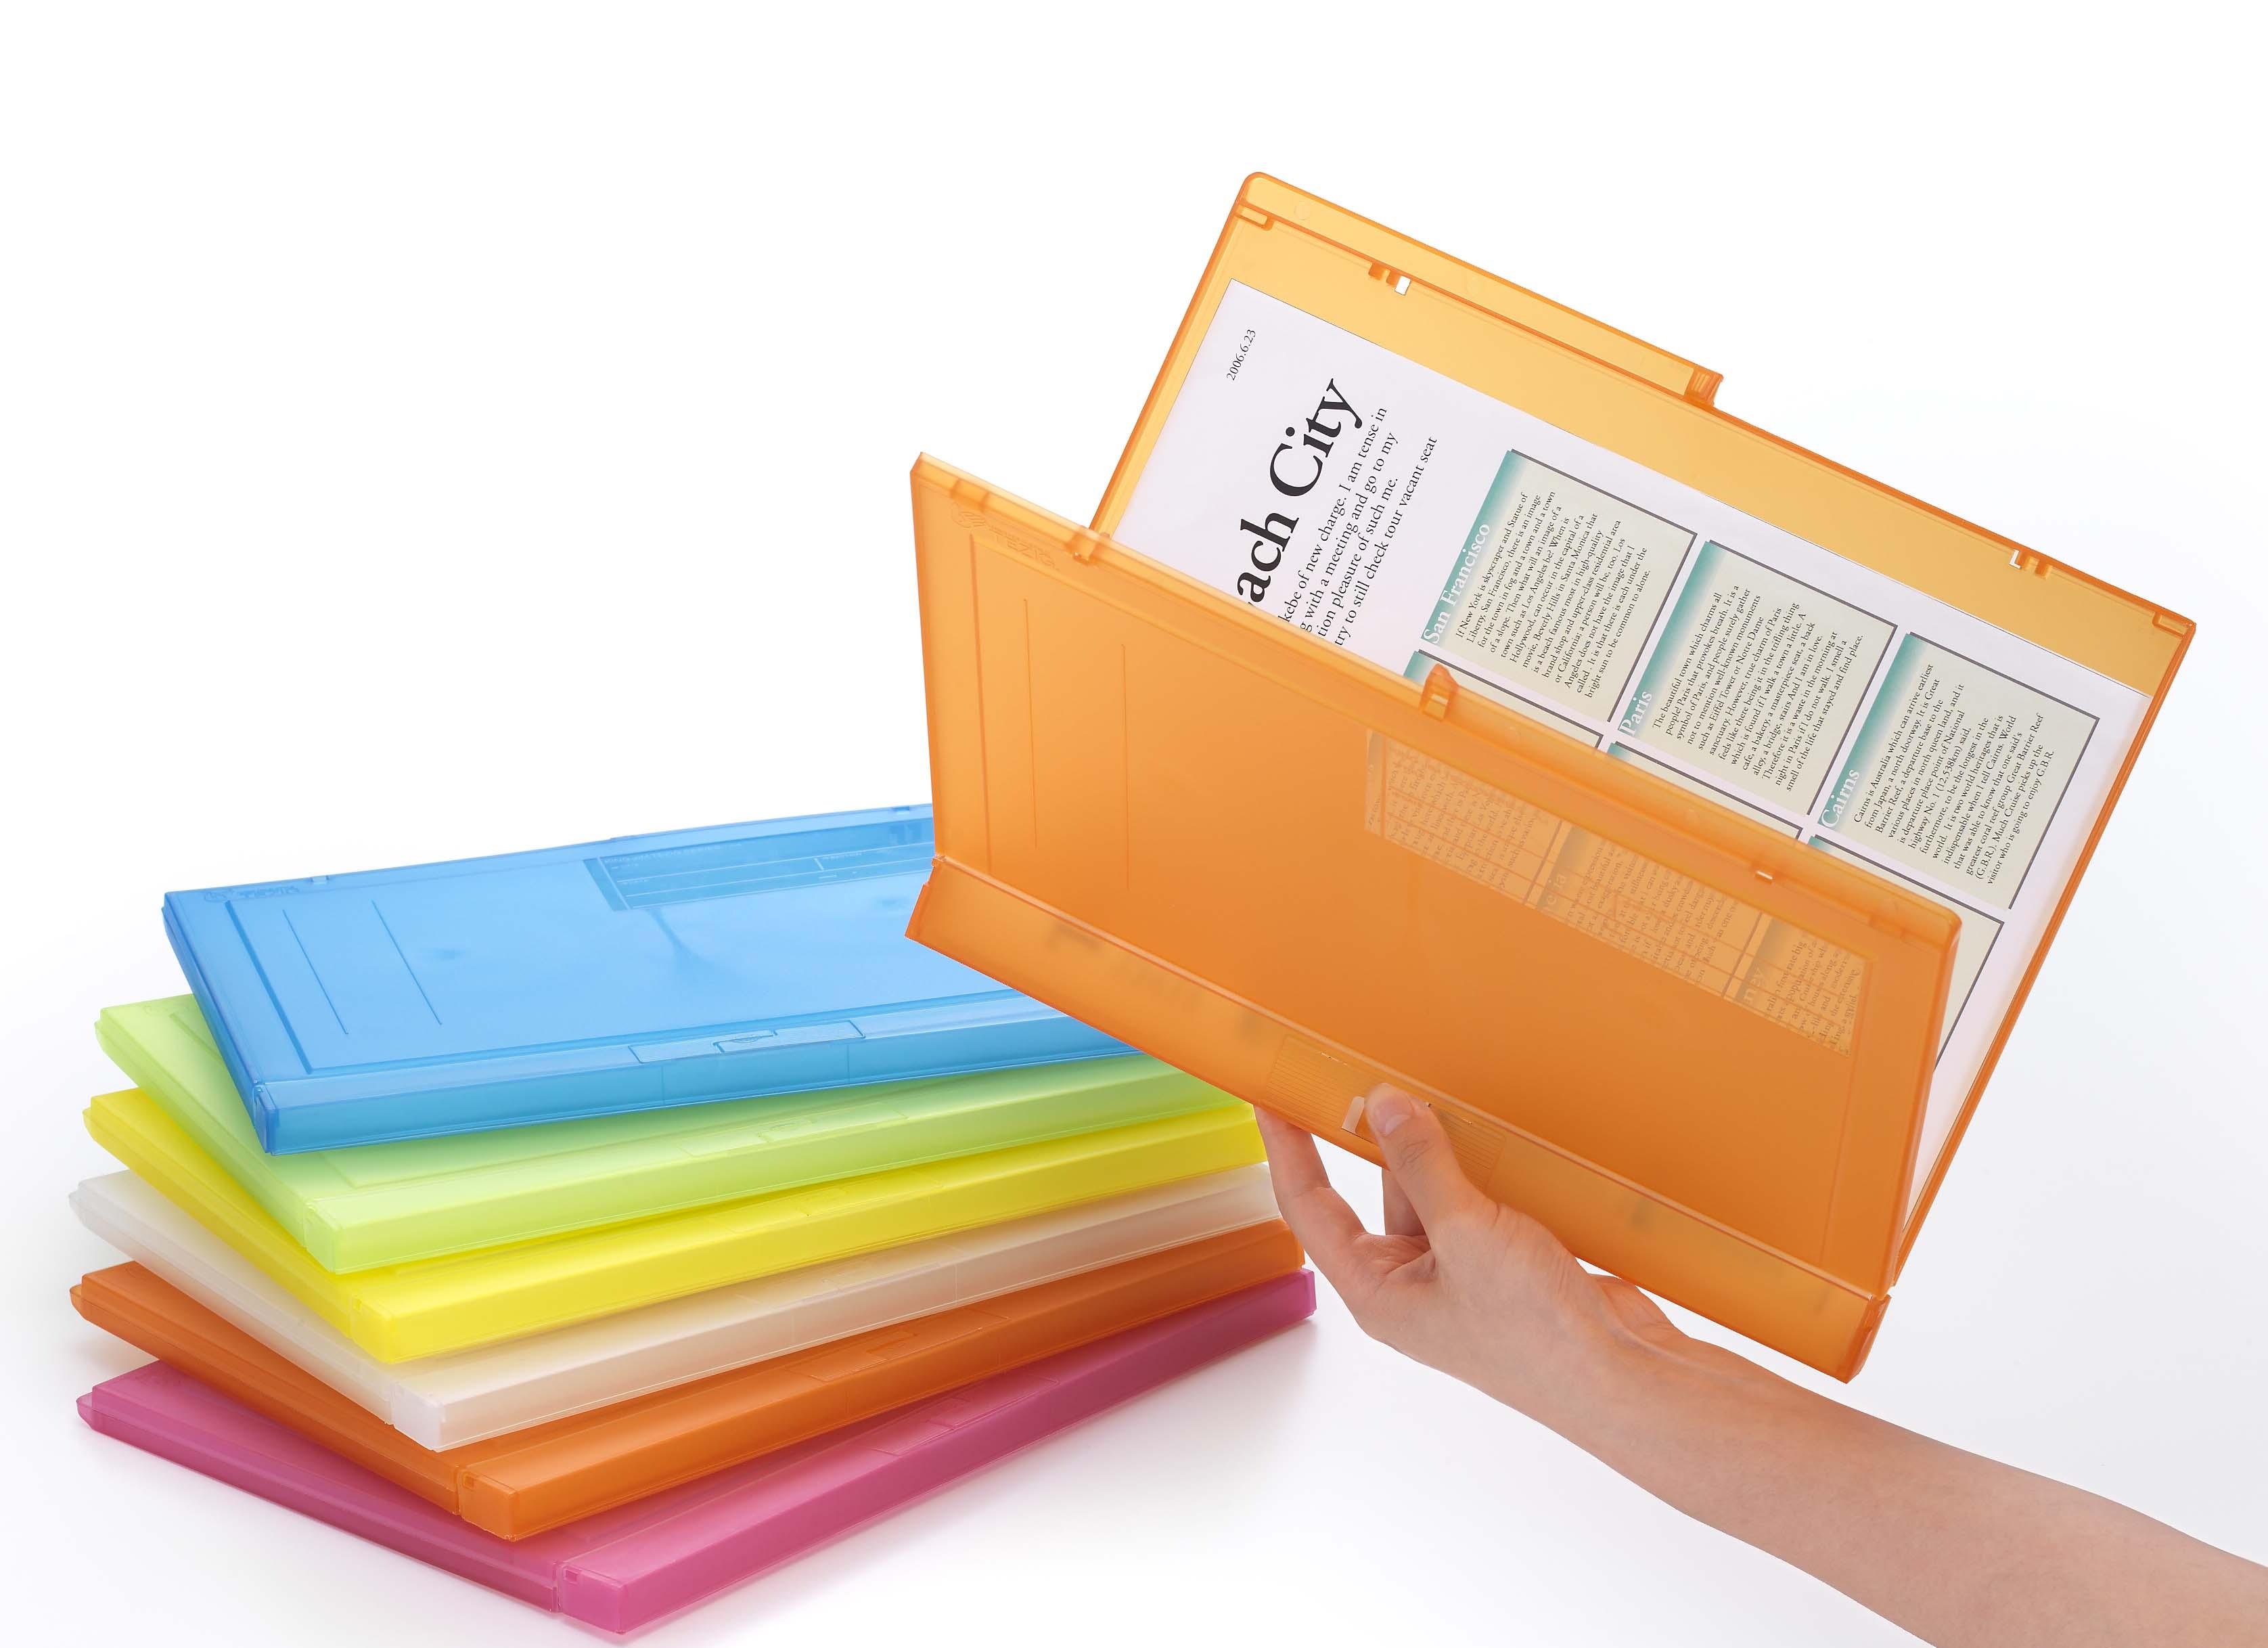 '書類を手でおさえる'新発想から生まれたファイル「テジグ」の透明色に 大量の書類を省スペースで保管できる「テジグ」厚型を発売